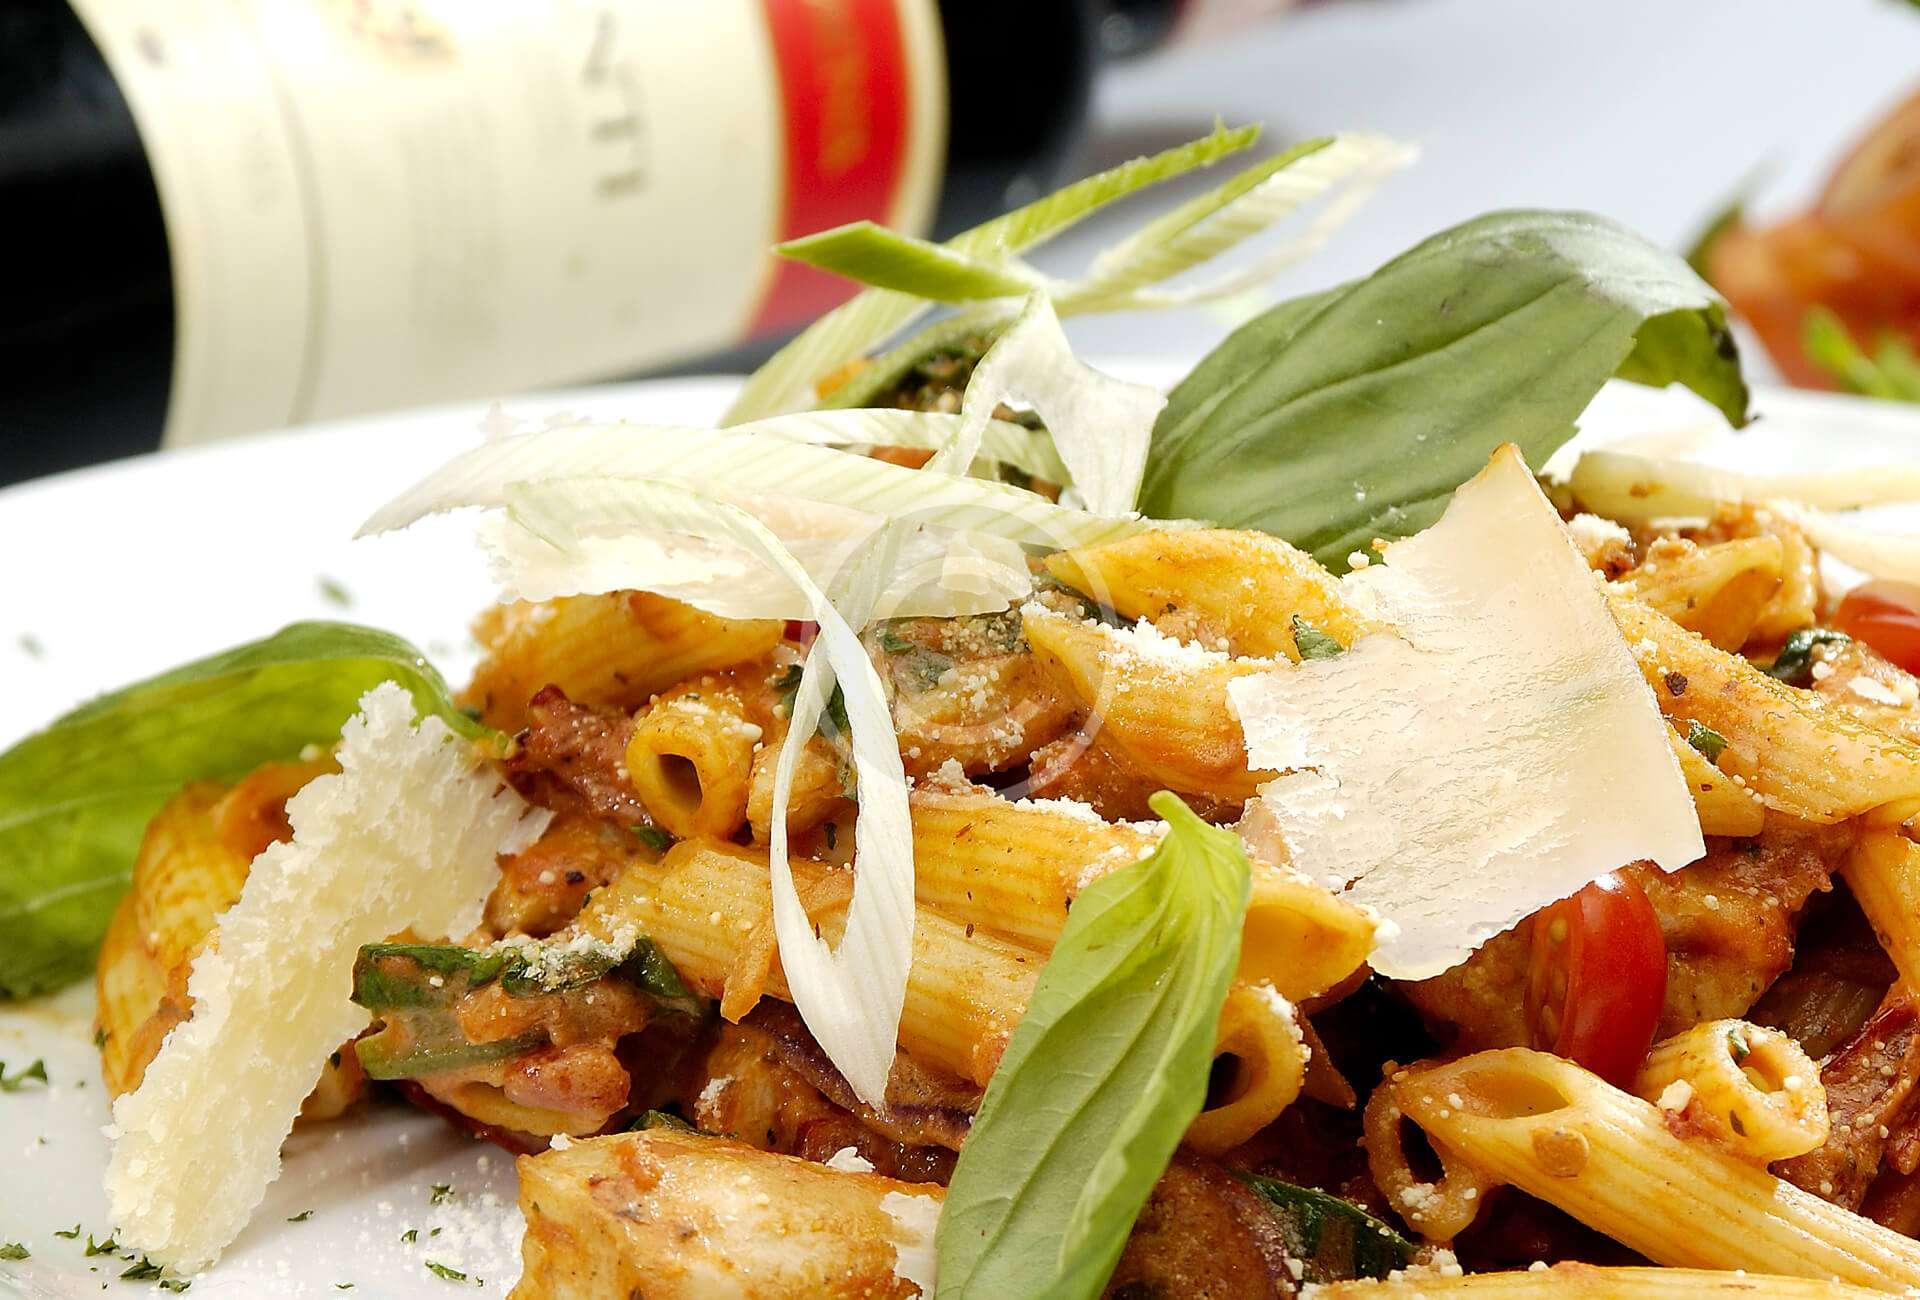 Gennaro's butternut squash & pancetta penne